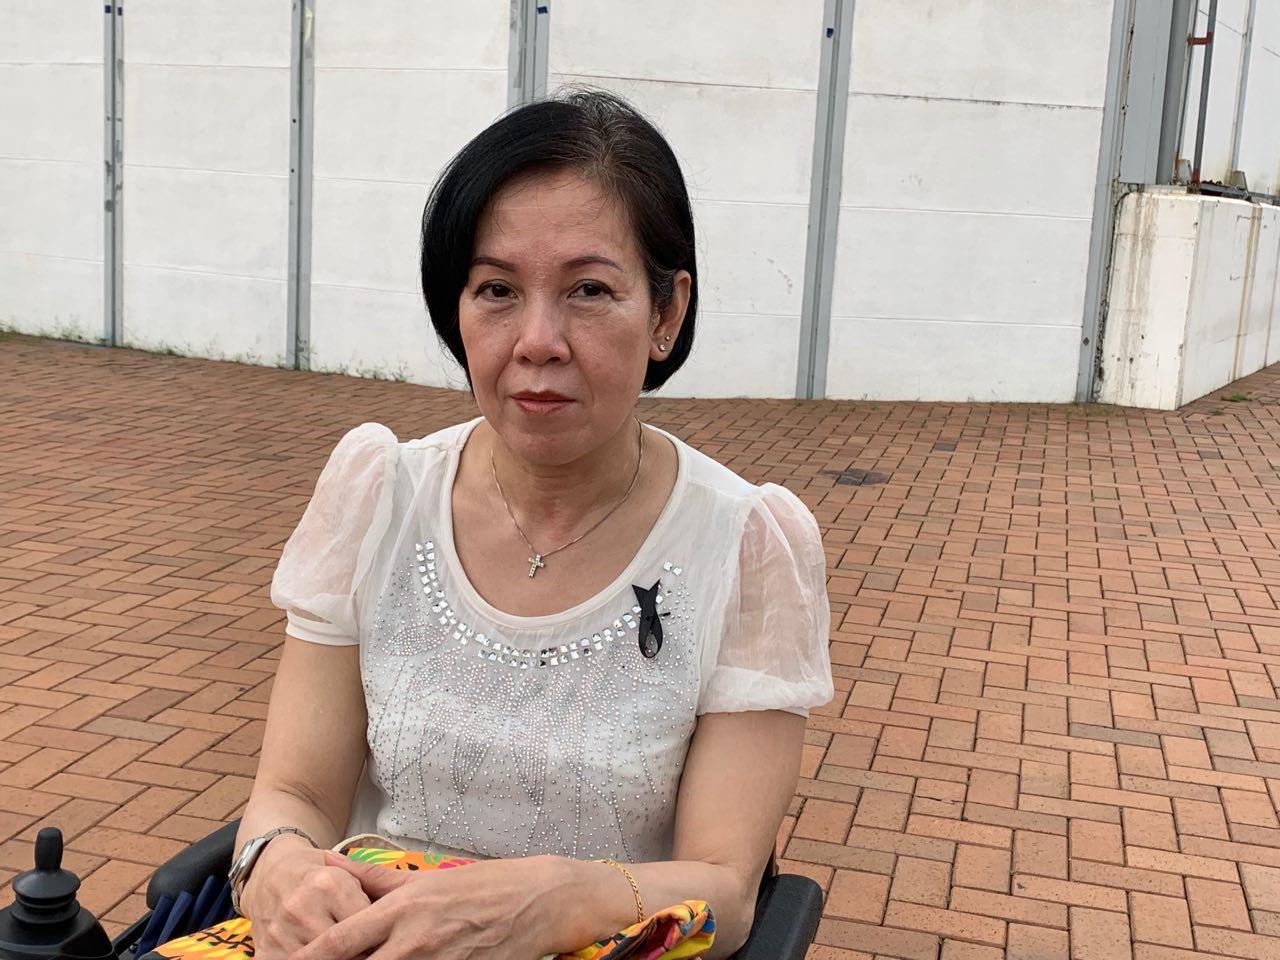 8月2日醫護界集會上人們簽名聲援被抓護士,Joyce小姐向大紀元記者表示香港市民已經忍無可忍了。(駱亞/ 大紀元)